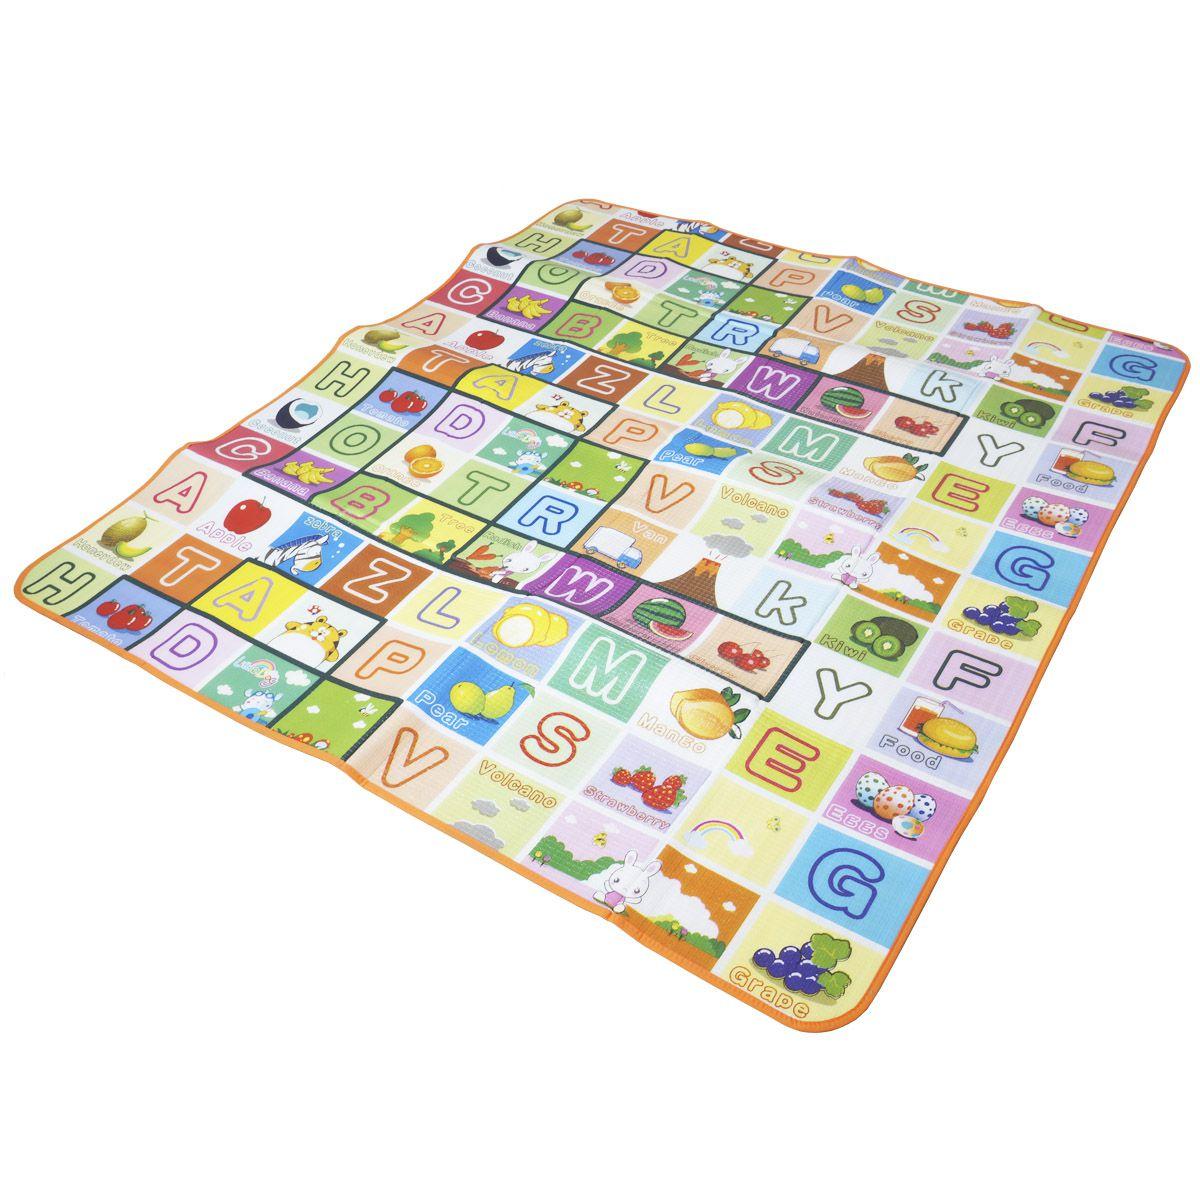 Tapete de Atividade Bebe Infantil Emborrachado 2x1 Recreação 1,80x2,00m Importway BWTI-1820 Colorido